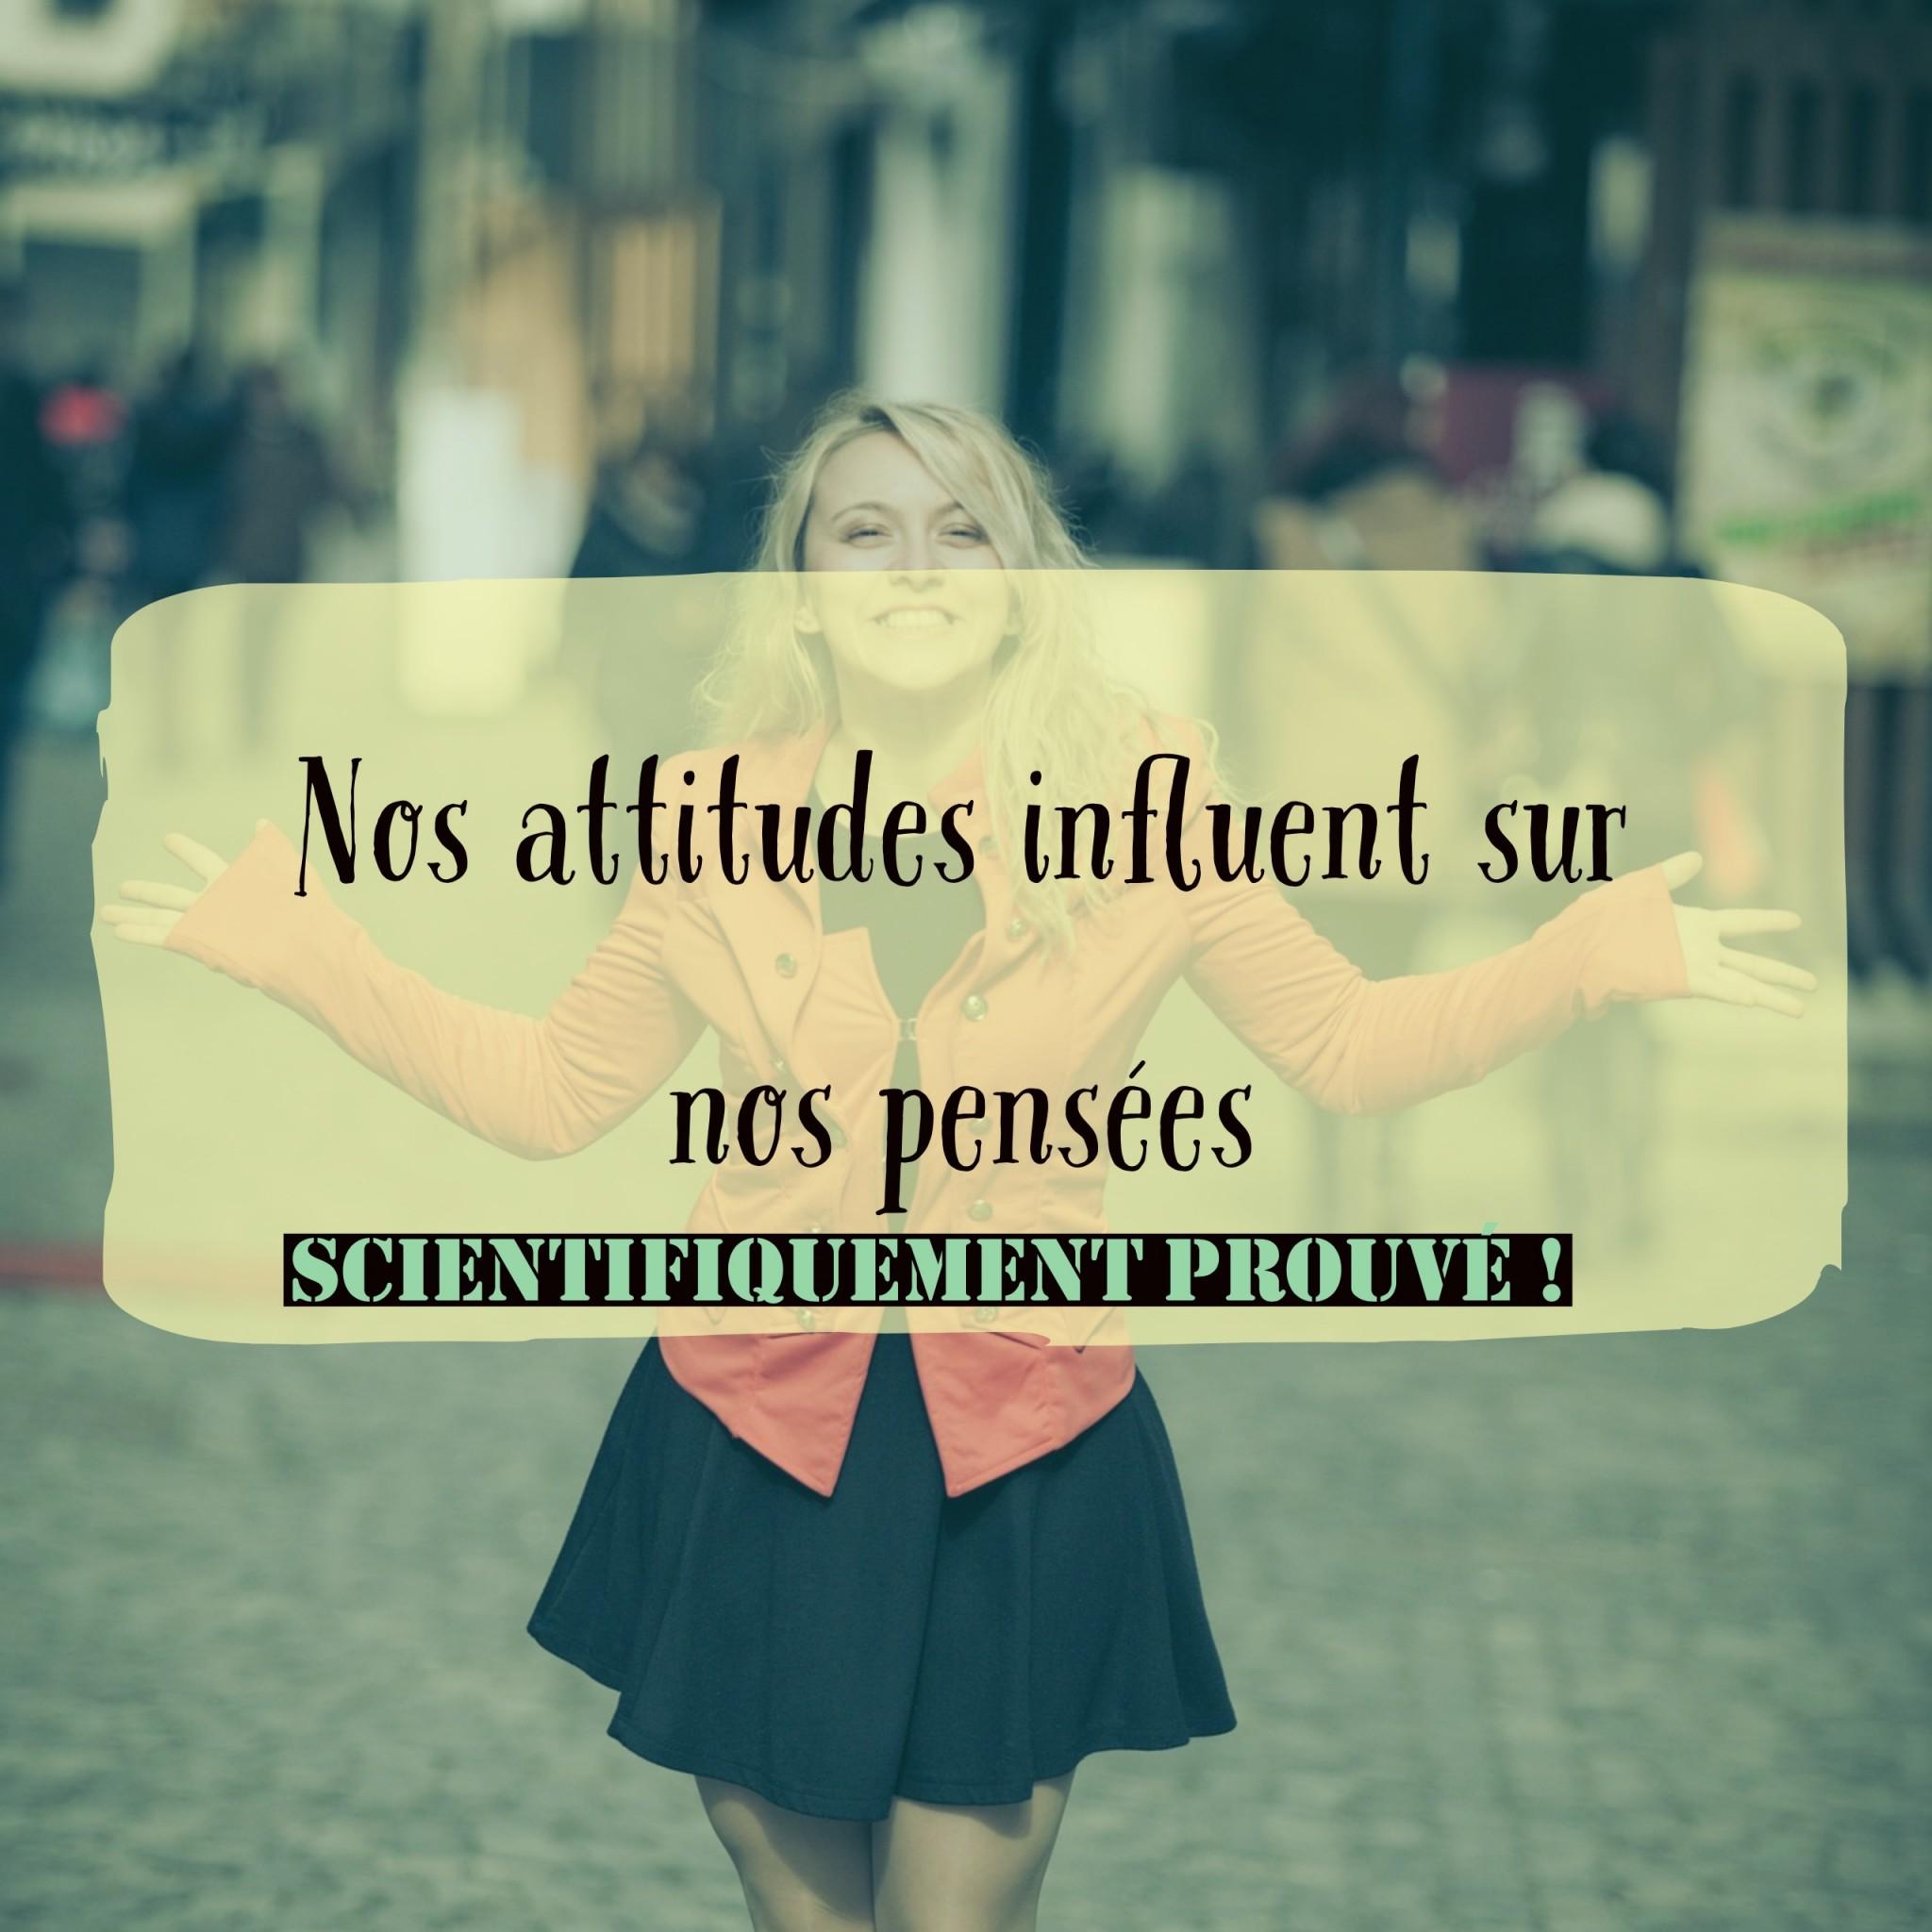 Nos attitudes influent sur nos pensées (scientifiquement prouvé)